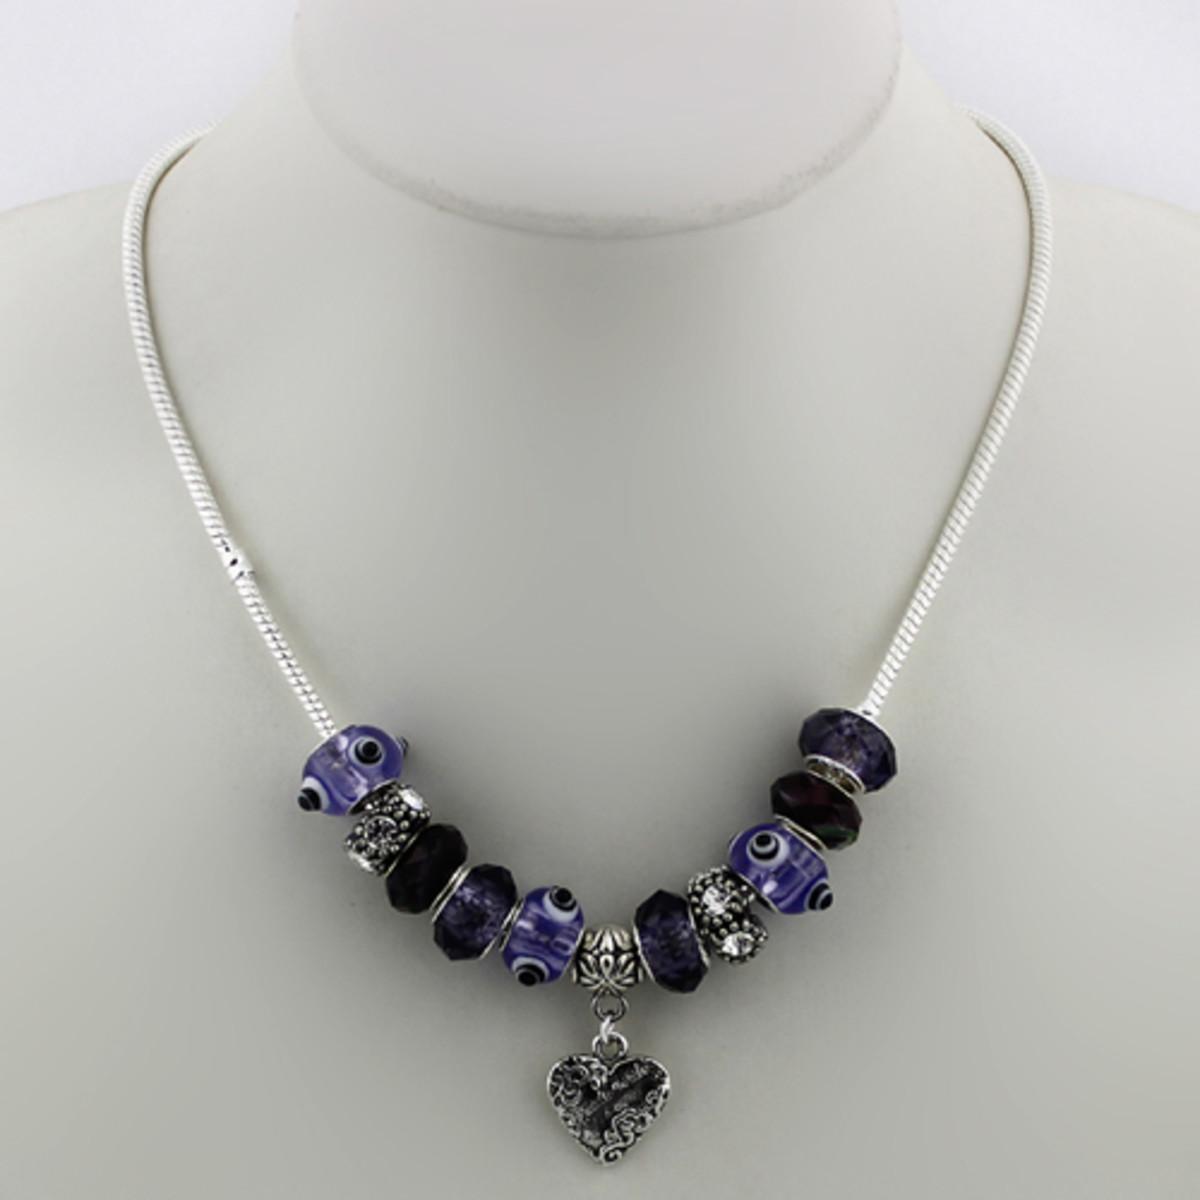 Pandora Necklace Design Ideas